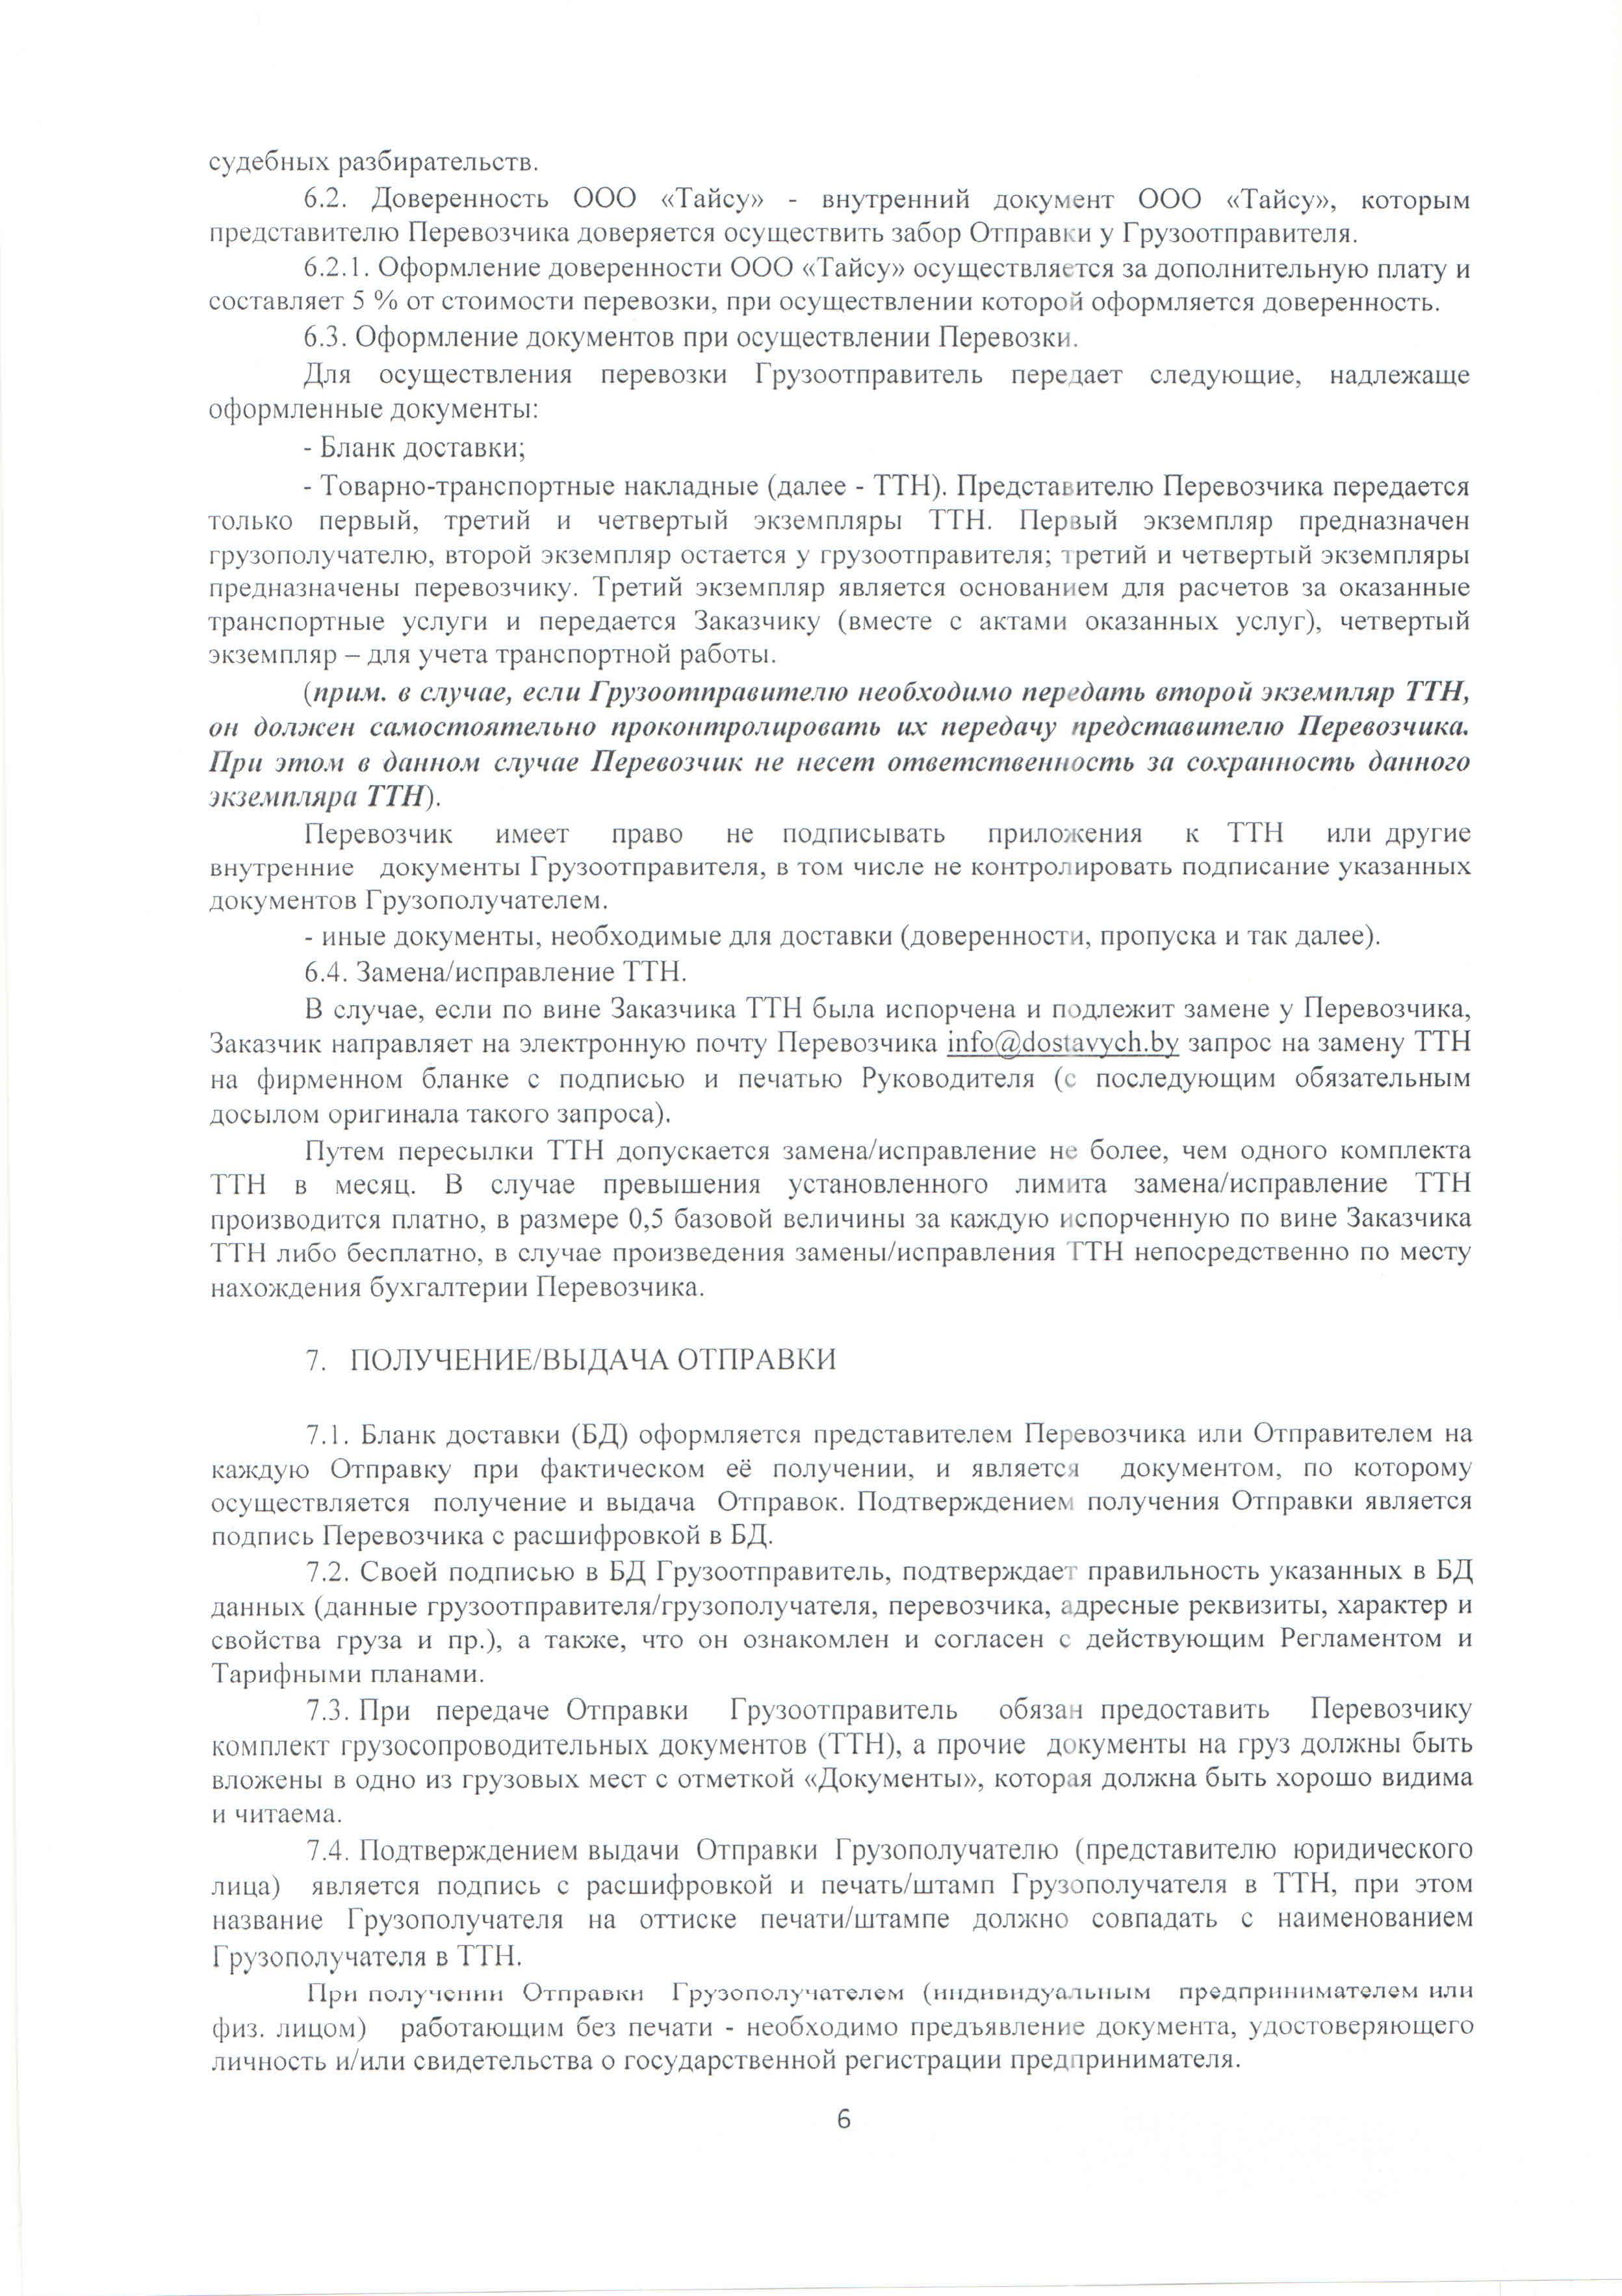 13.09.2018 Регламент_Страница_6